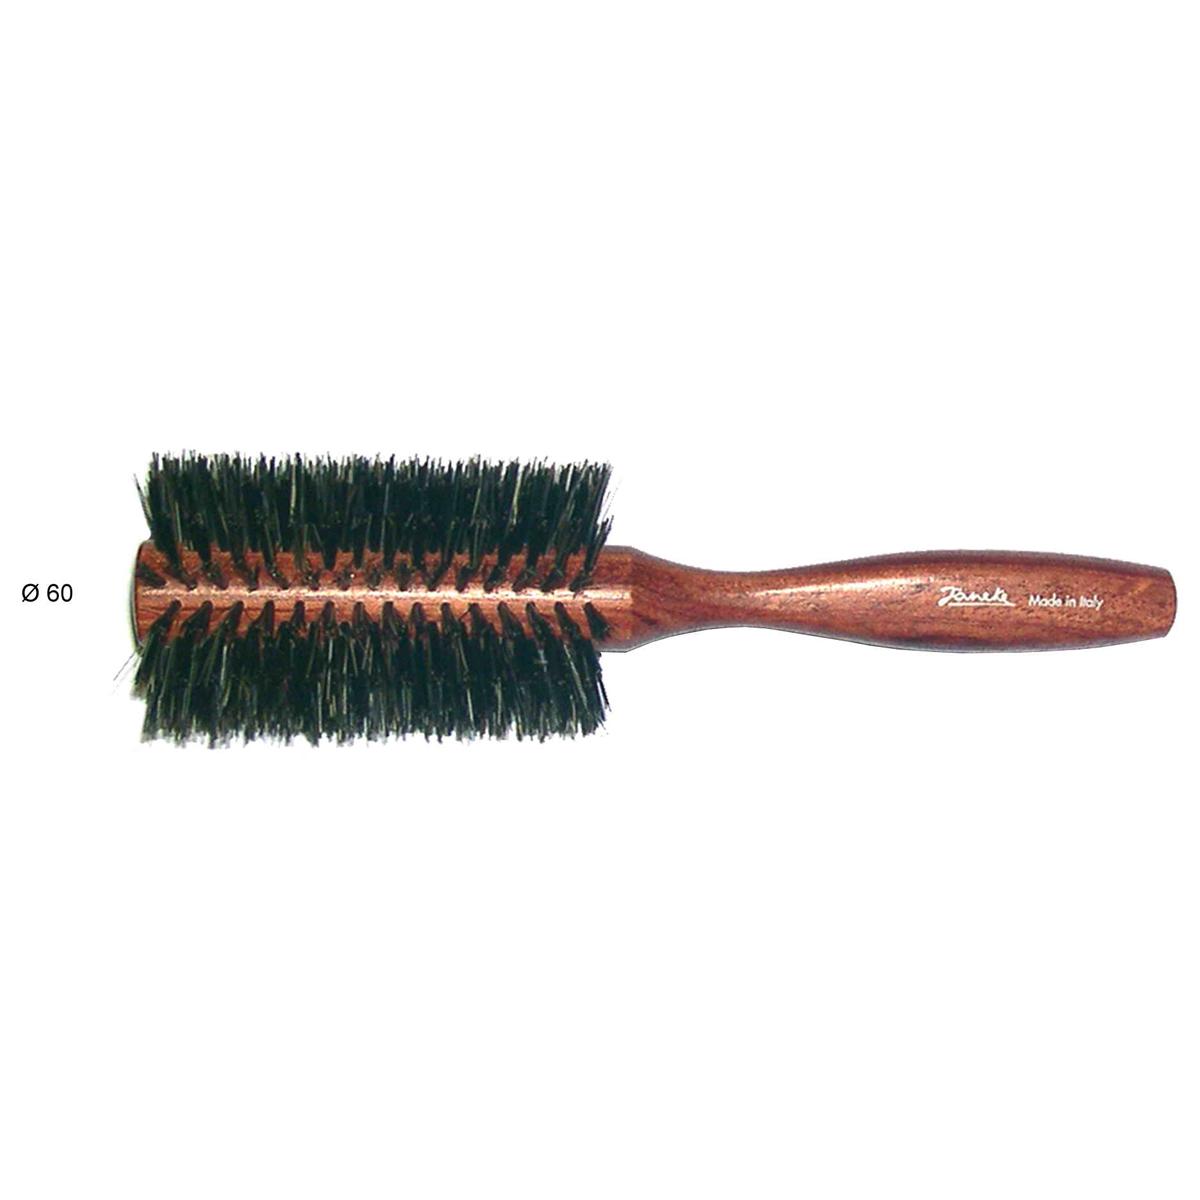 Janeke Щетка для укладки с натуральной щетиной, дерево, D60, SP84K.MP59.4DМарка Janeke – мировой лидер по производству расчесок, щеток, маникюрных принадлежностей, зеркал и косметичек. Марка Janeke, основанная в 1830 году, вот уже почти 180 лет поддерживает непревзойденное качество своей продукции, сочетая новейшие технологии с традициями старых миланских мастеров. Все изделия на 80% производятся вручную, а инновационные технологии и современные материалы делают продукцию марки поистине уникальной. Стильный и эргономичный дизайн, яркие цветовые решения – все это приносит истинное удовольствие от использования аксессуаров Janeke Когда выбор падает на простоту и натуральность материалов, идеально походит деревянная линия Janeke. Расчески-гребни ручной работы имеют закругленные концы, что позволяет не травмировать кожу головы. Широкий выбор массажных щеток из натурального ворса или смешанного с пластмассовой щетиной. Продукция из бука, произрастающего в странах Европы, Америки и Японии. Будучи полностью натуральные продукты являются экологически-устойчивыми для сохранения планеты.